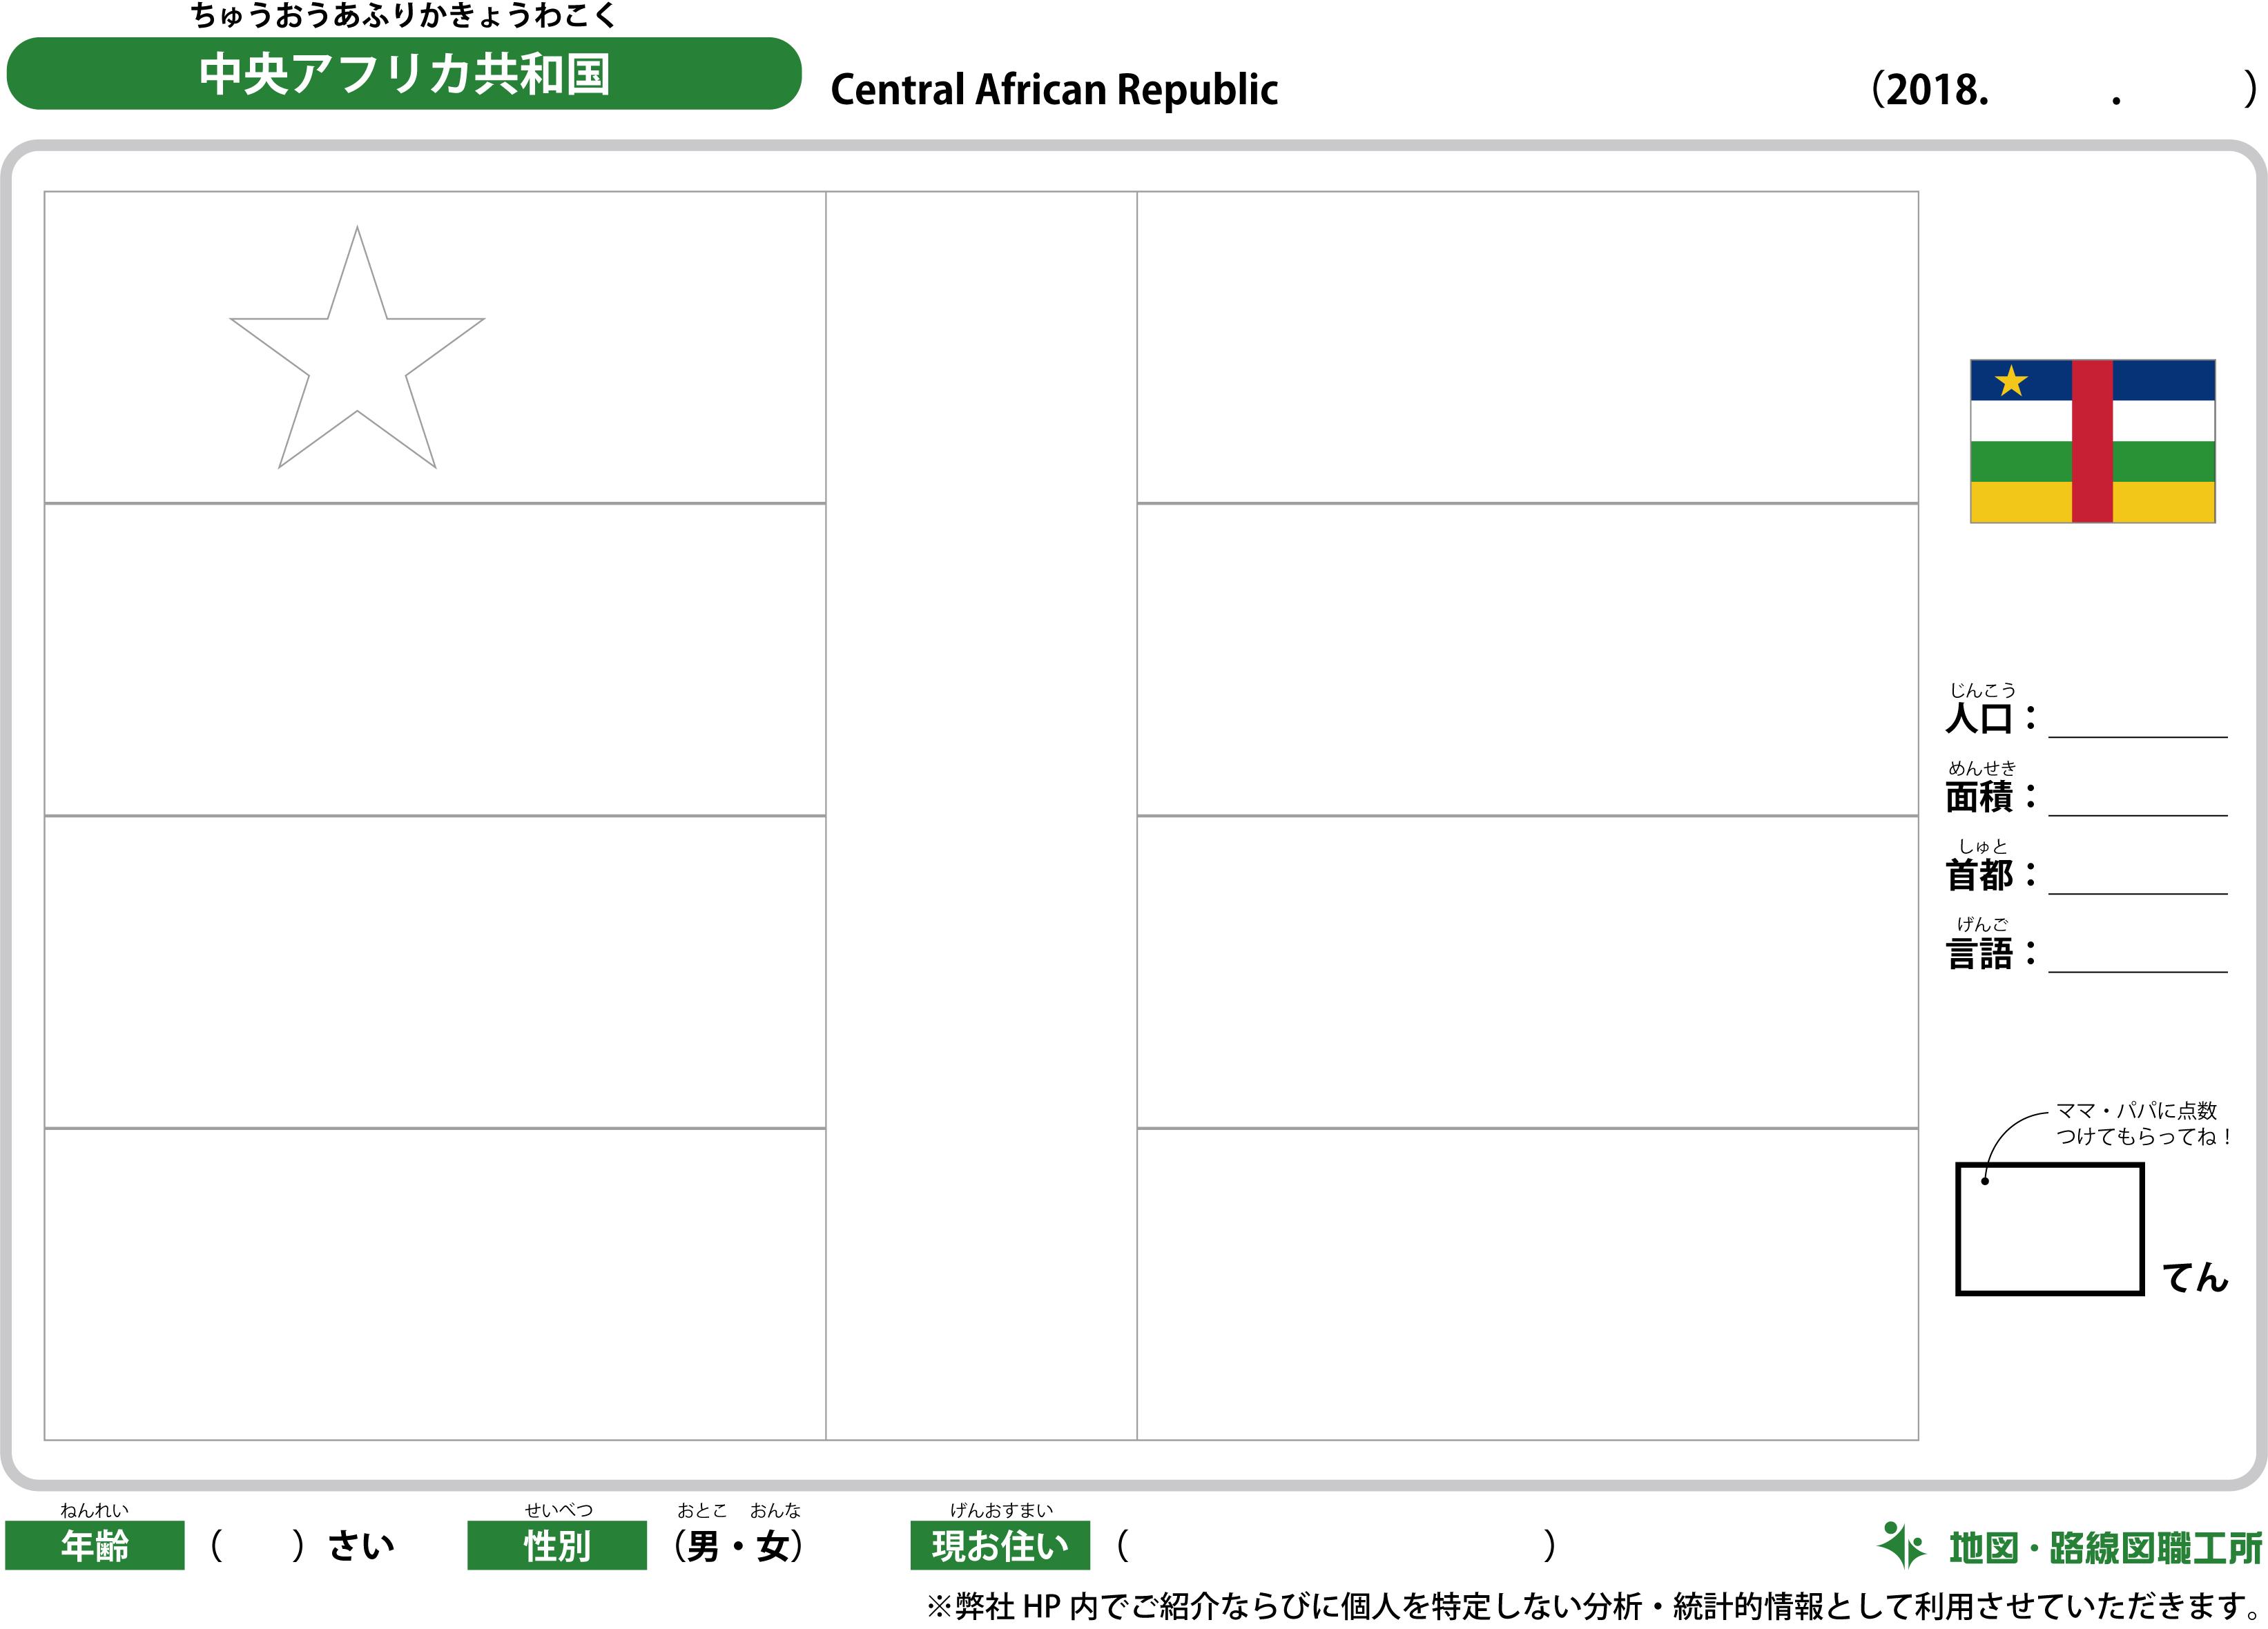 中央アフリカ共和国